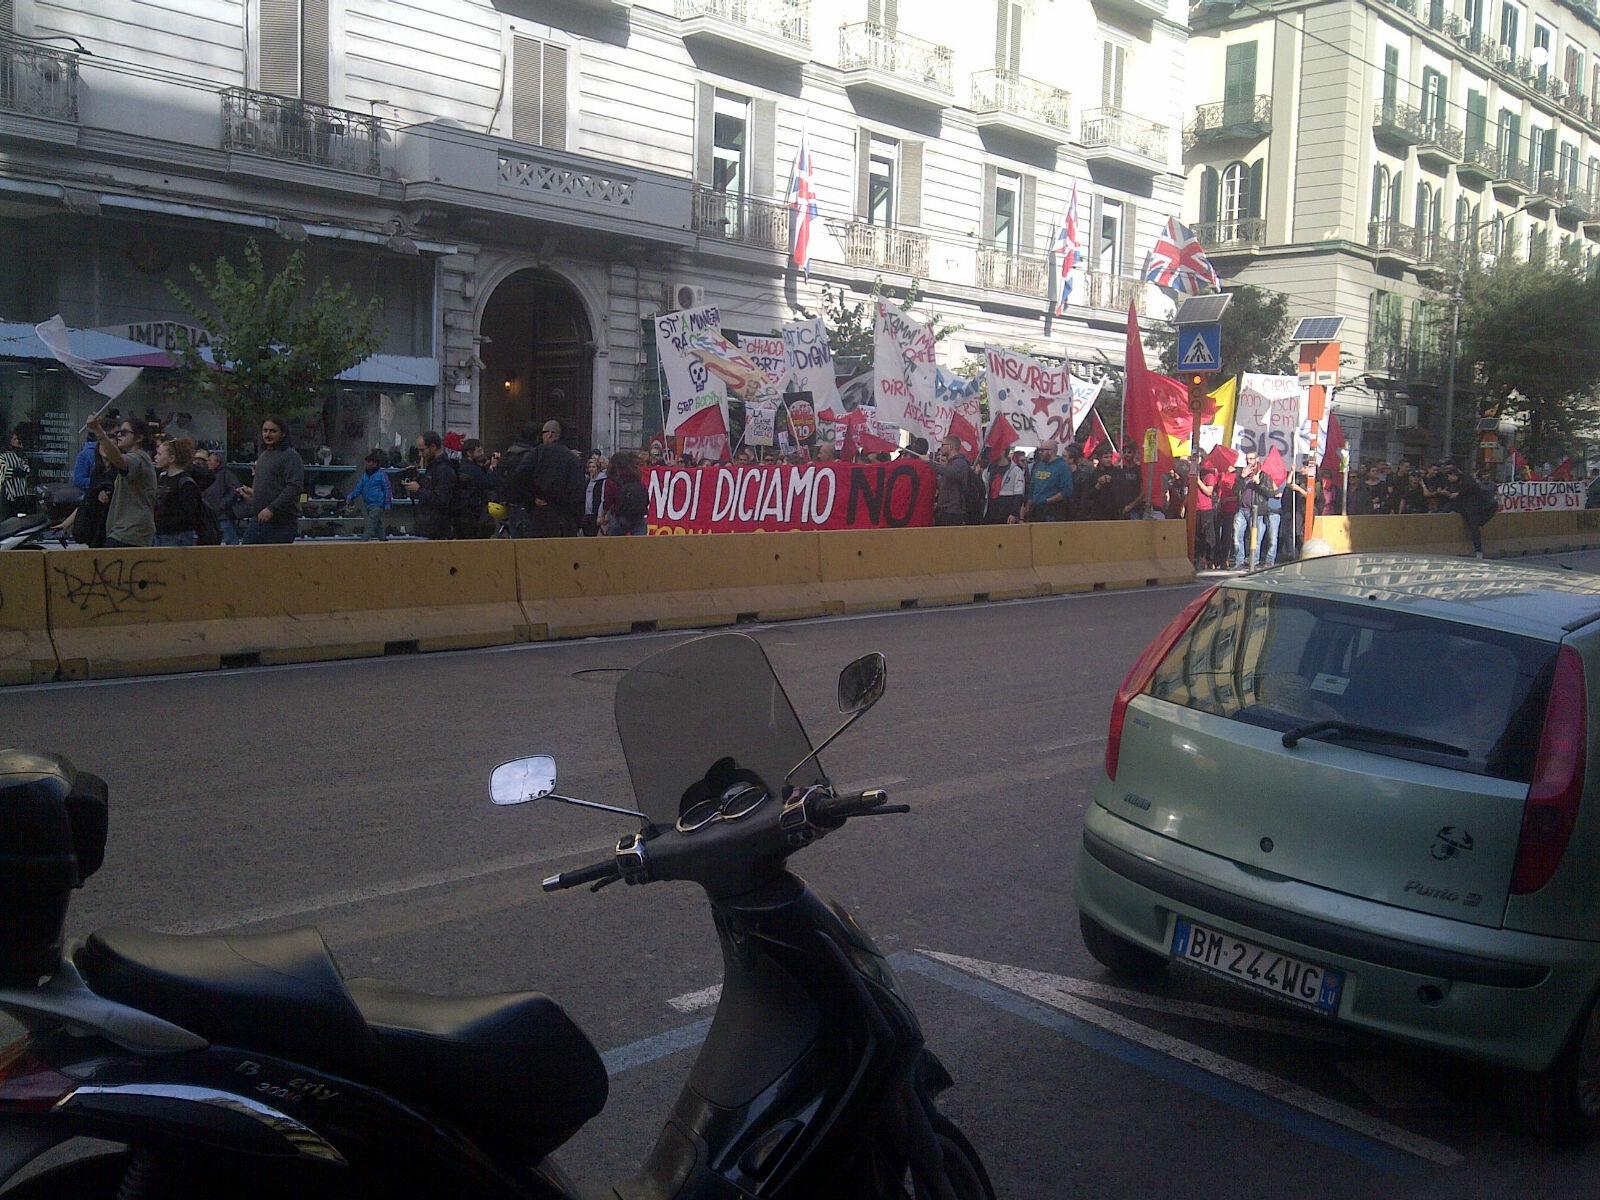 Cariche della polizia al corteo studentesco a Napoli. I manifestanti ribadendo il loro NO al disegno di legge Renzi Boschi sono stati brutalmente caricati. Dove non arrivano con la propaganda […]